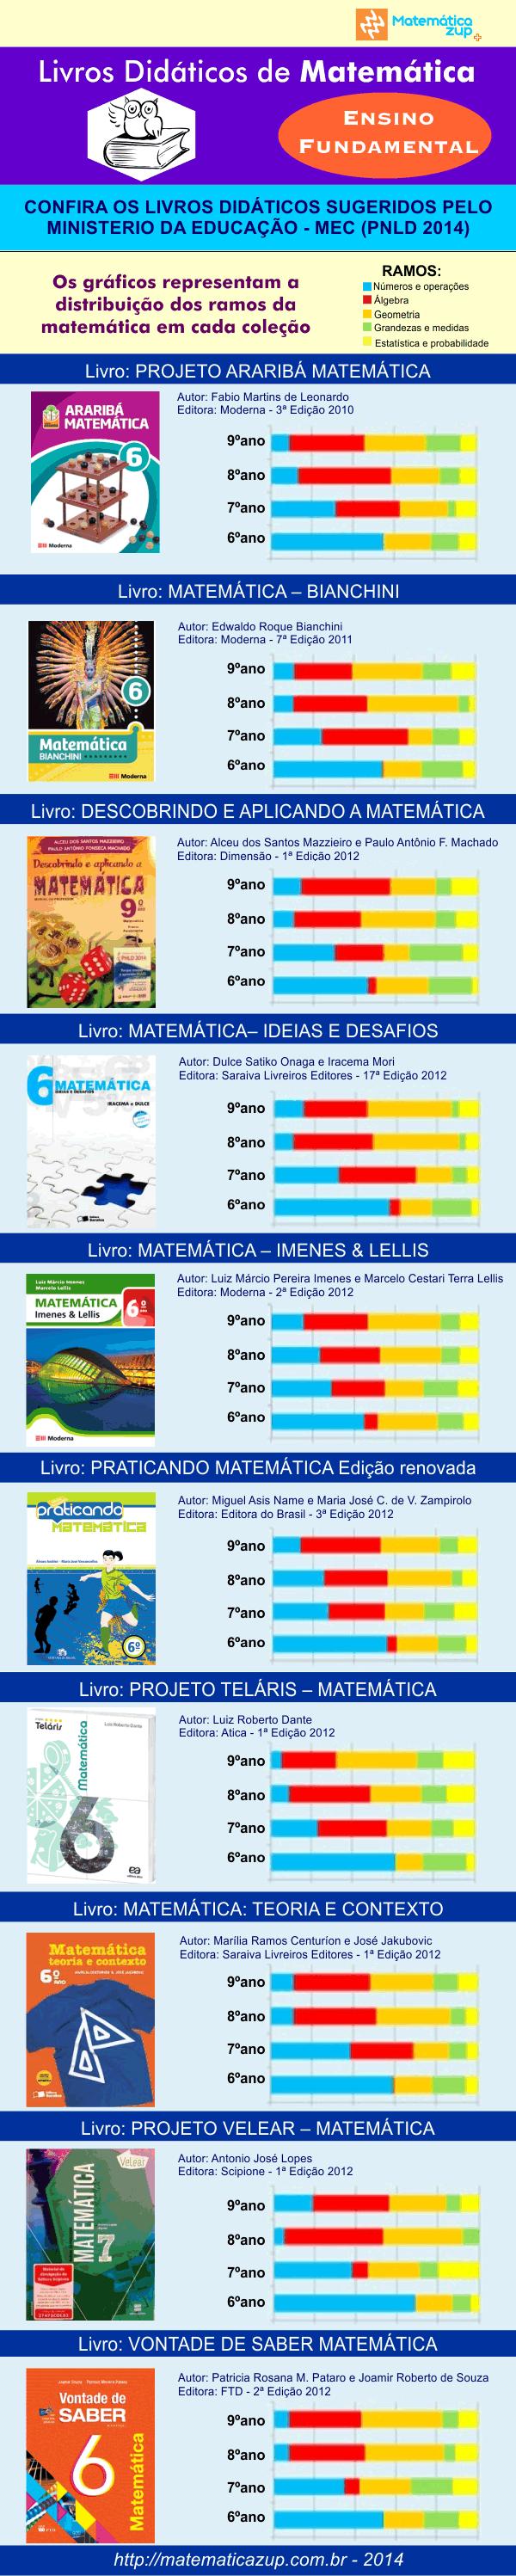 infografico_livros_didaticos_matematica